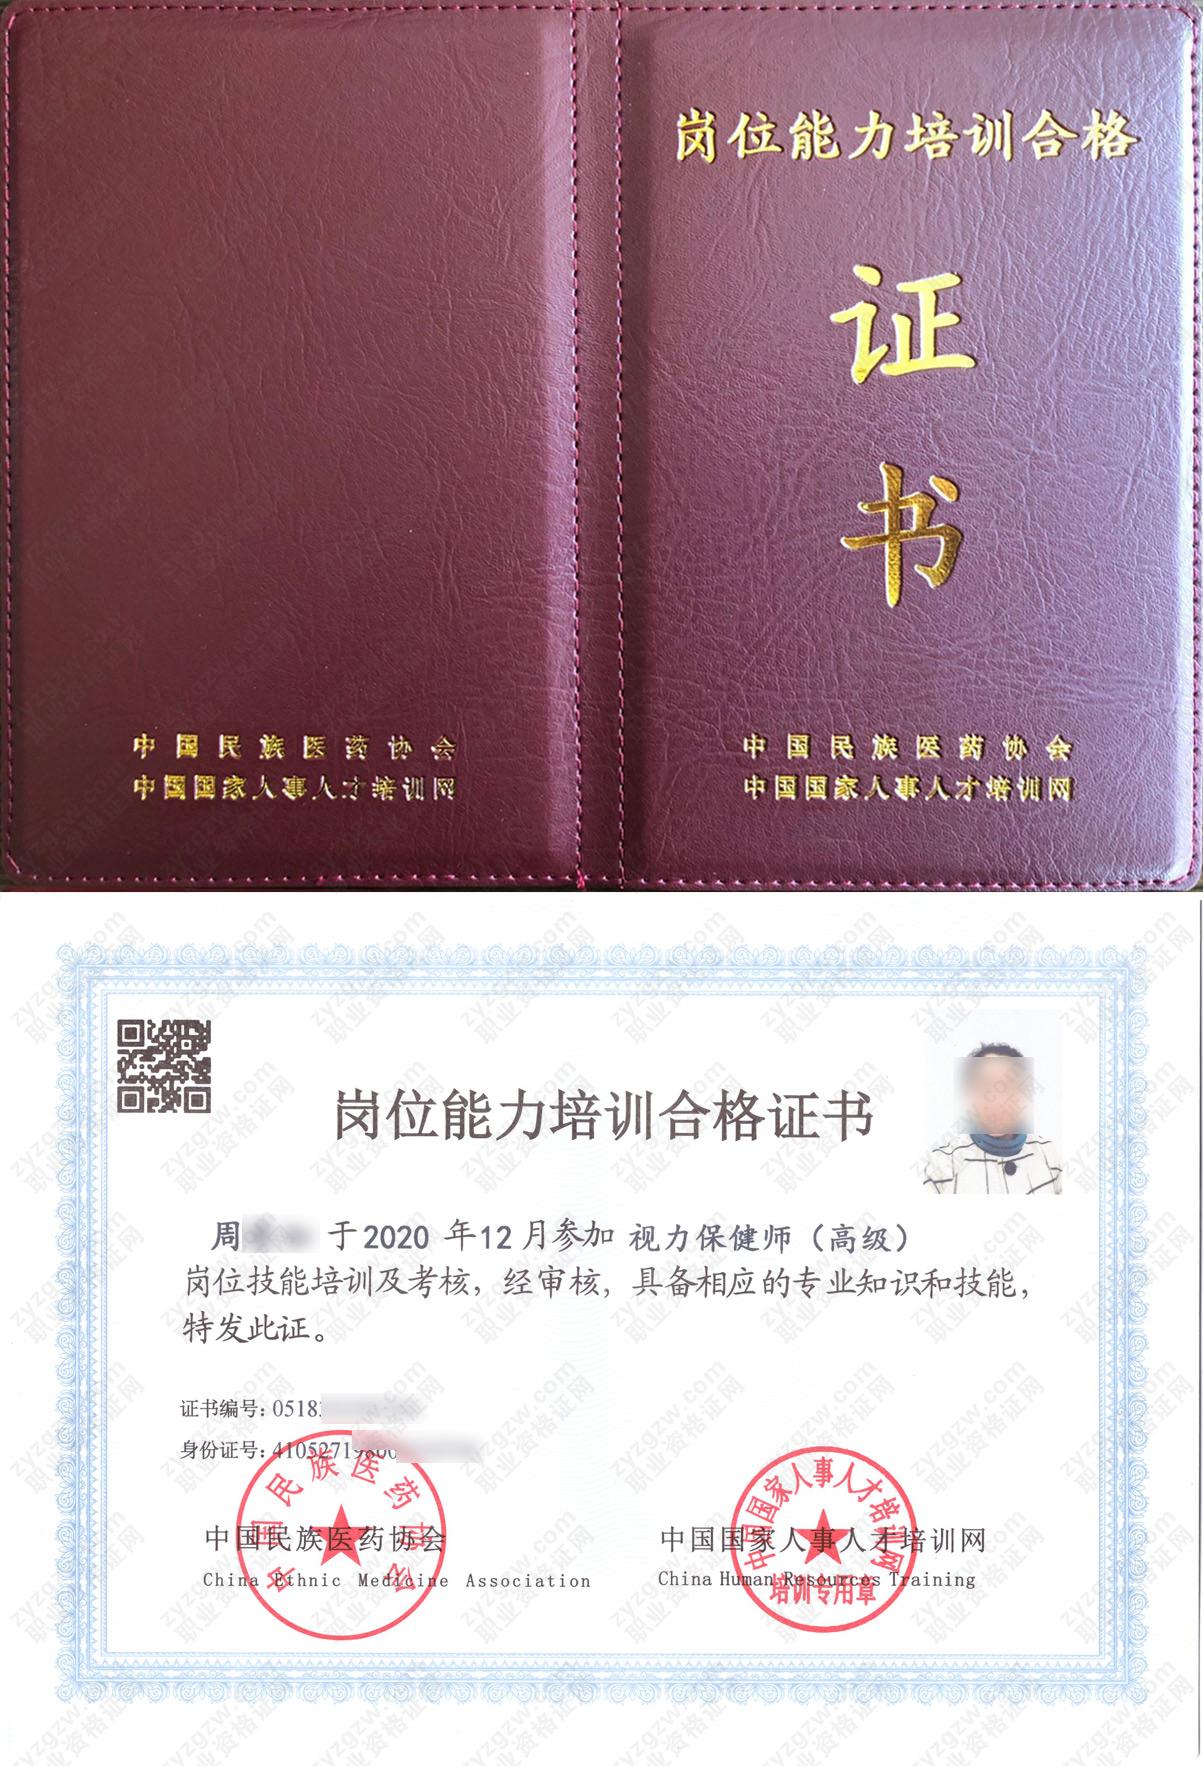 中国国家人事人才培训网 岗位能力培训合格证书 视力保健师证证书样本